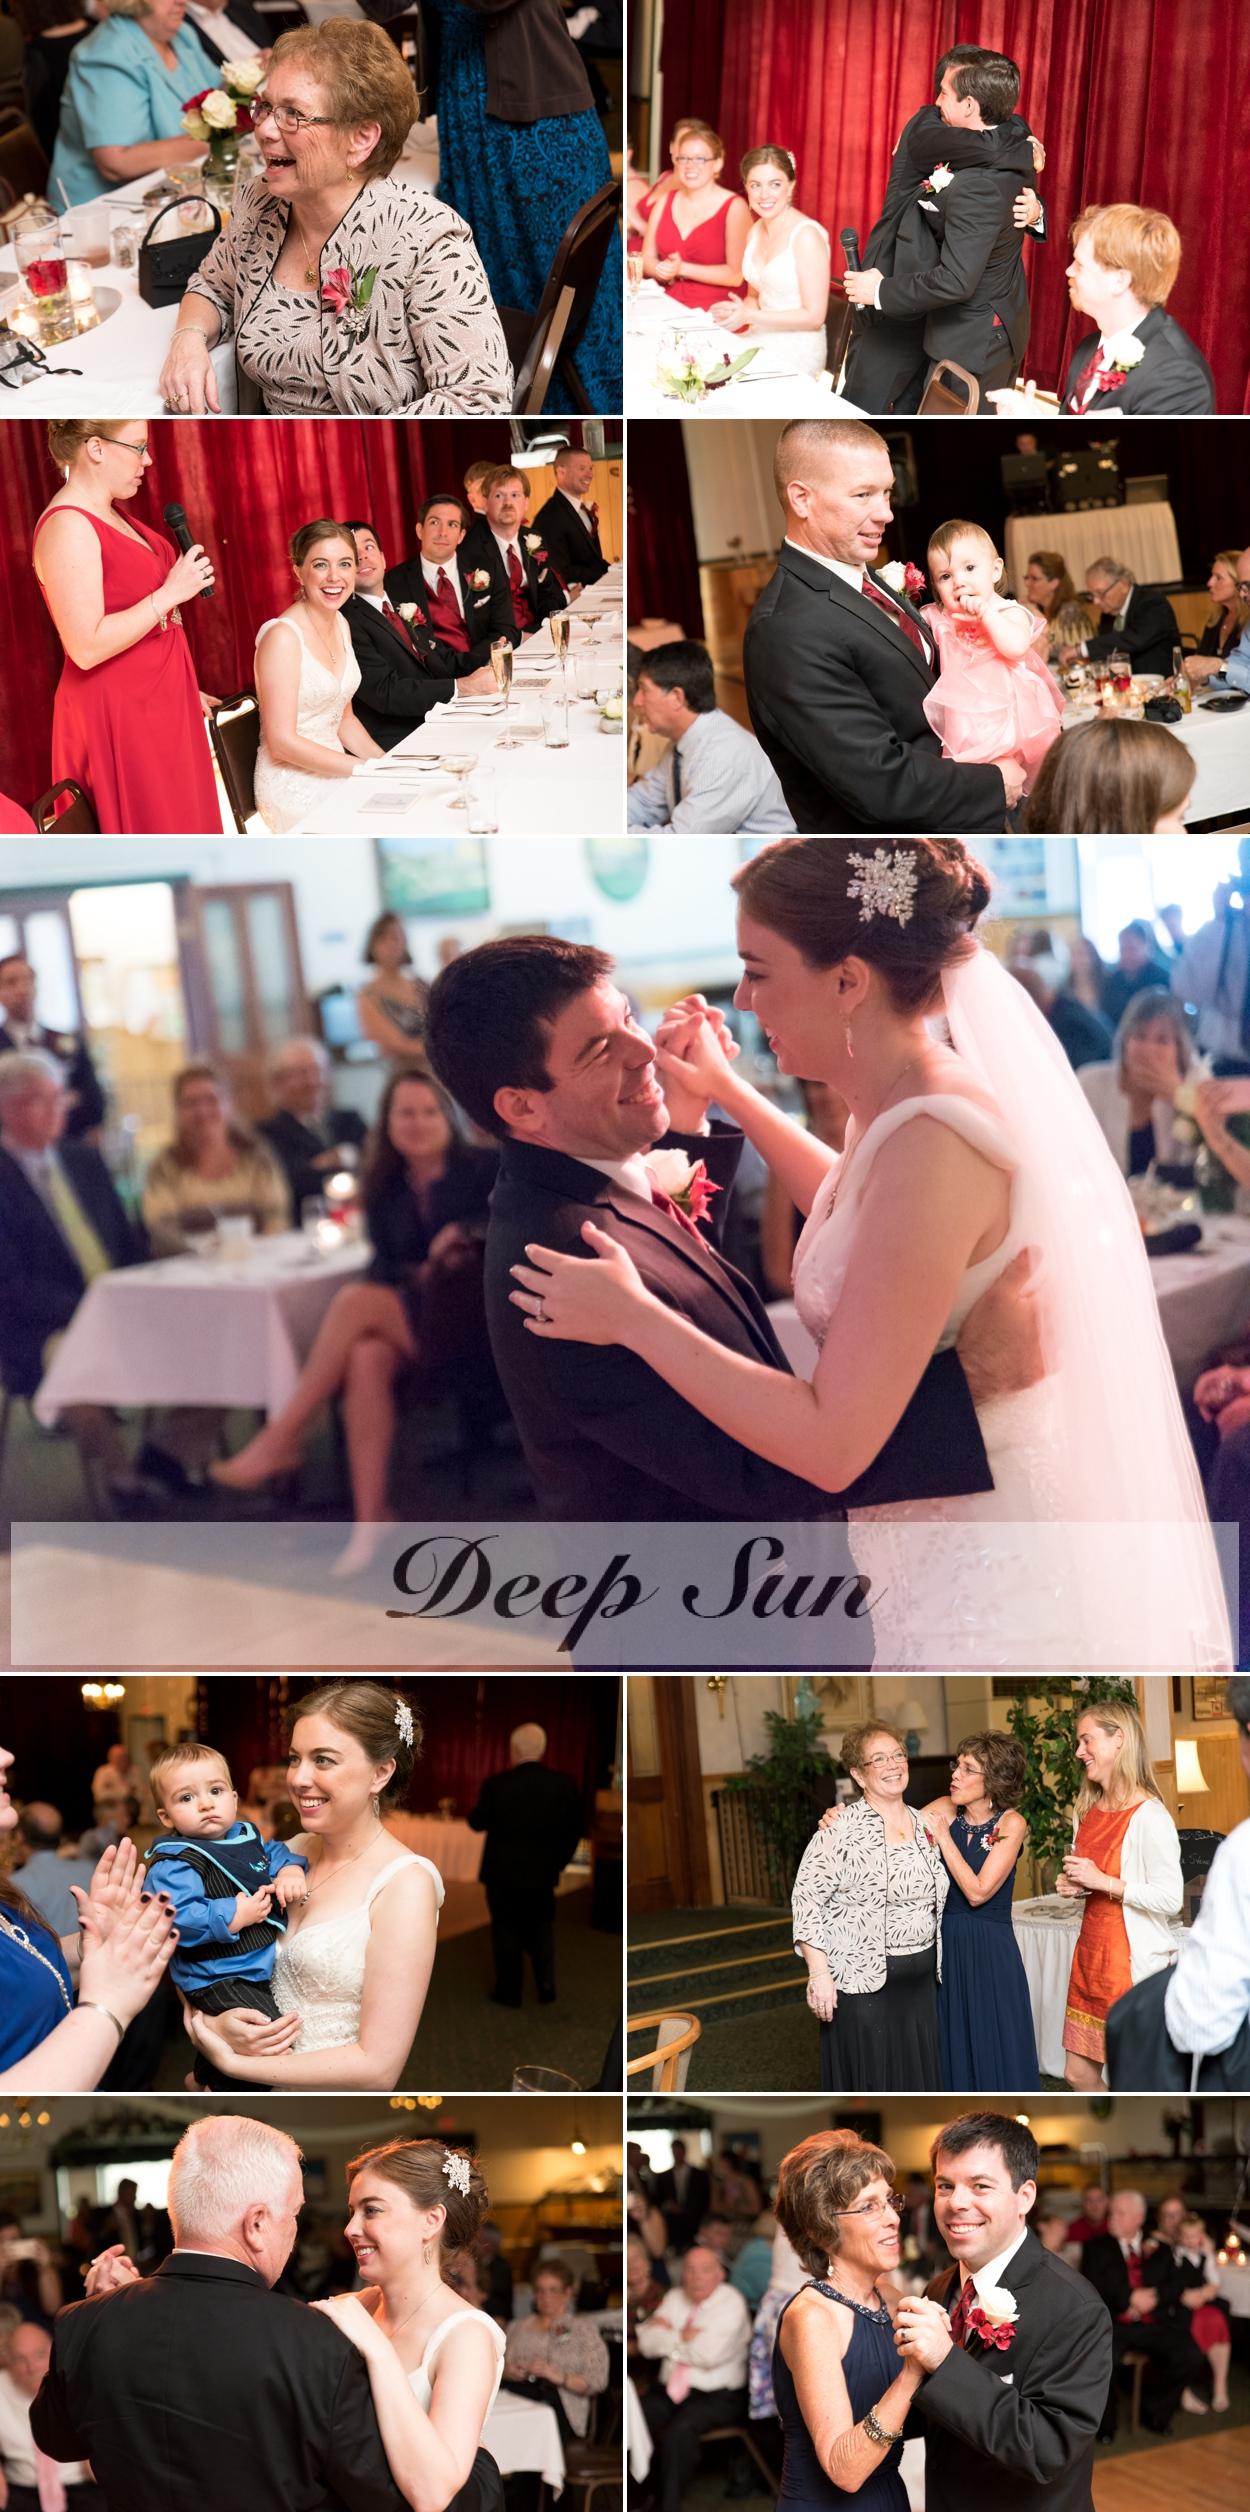 poland-spring-resport-wedding 04